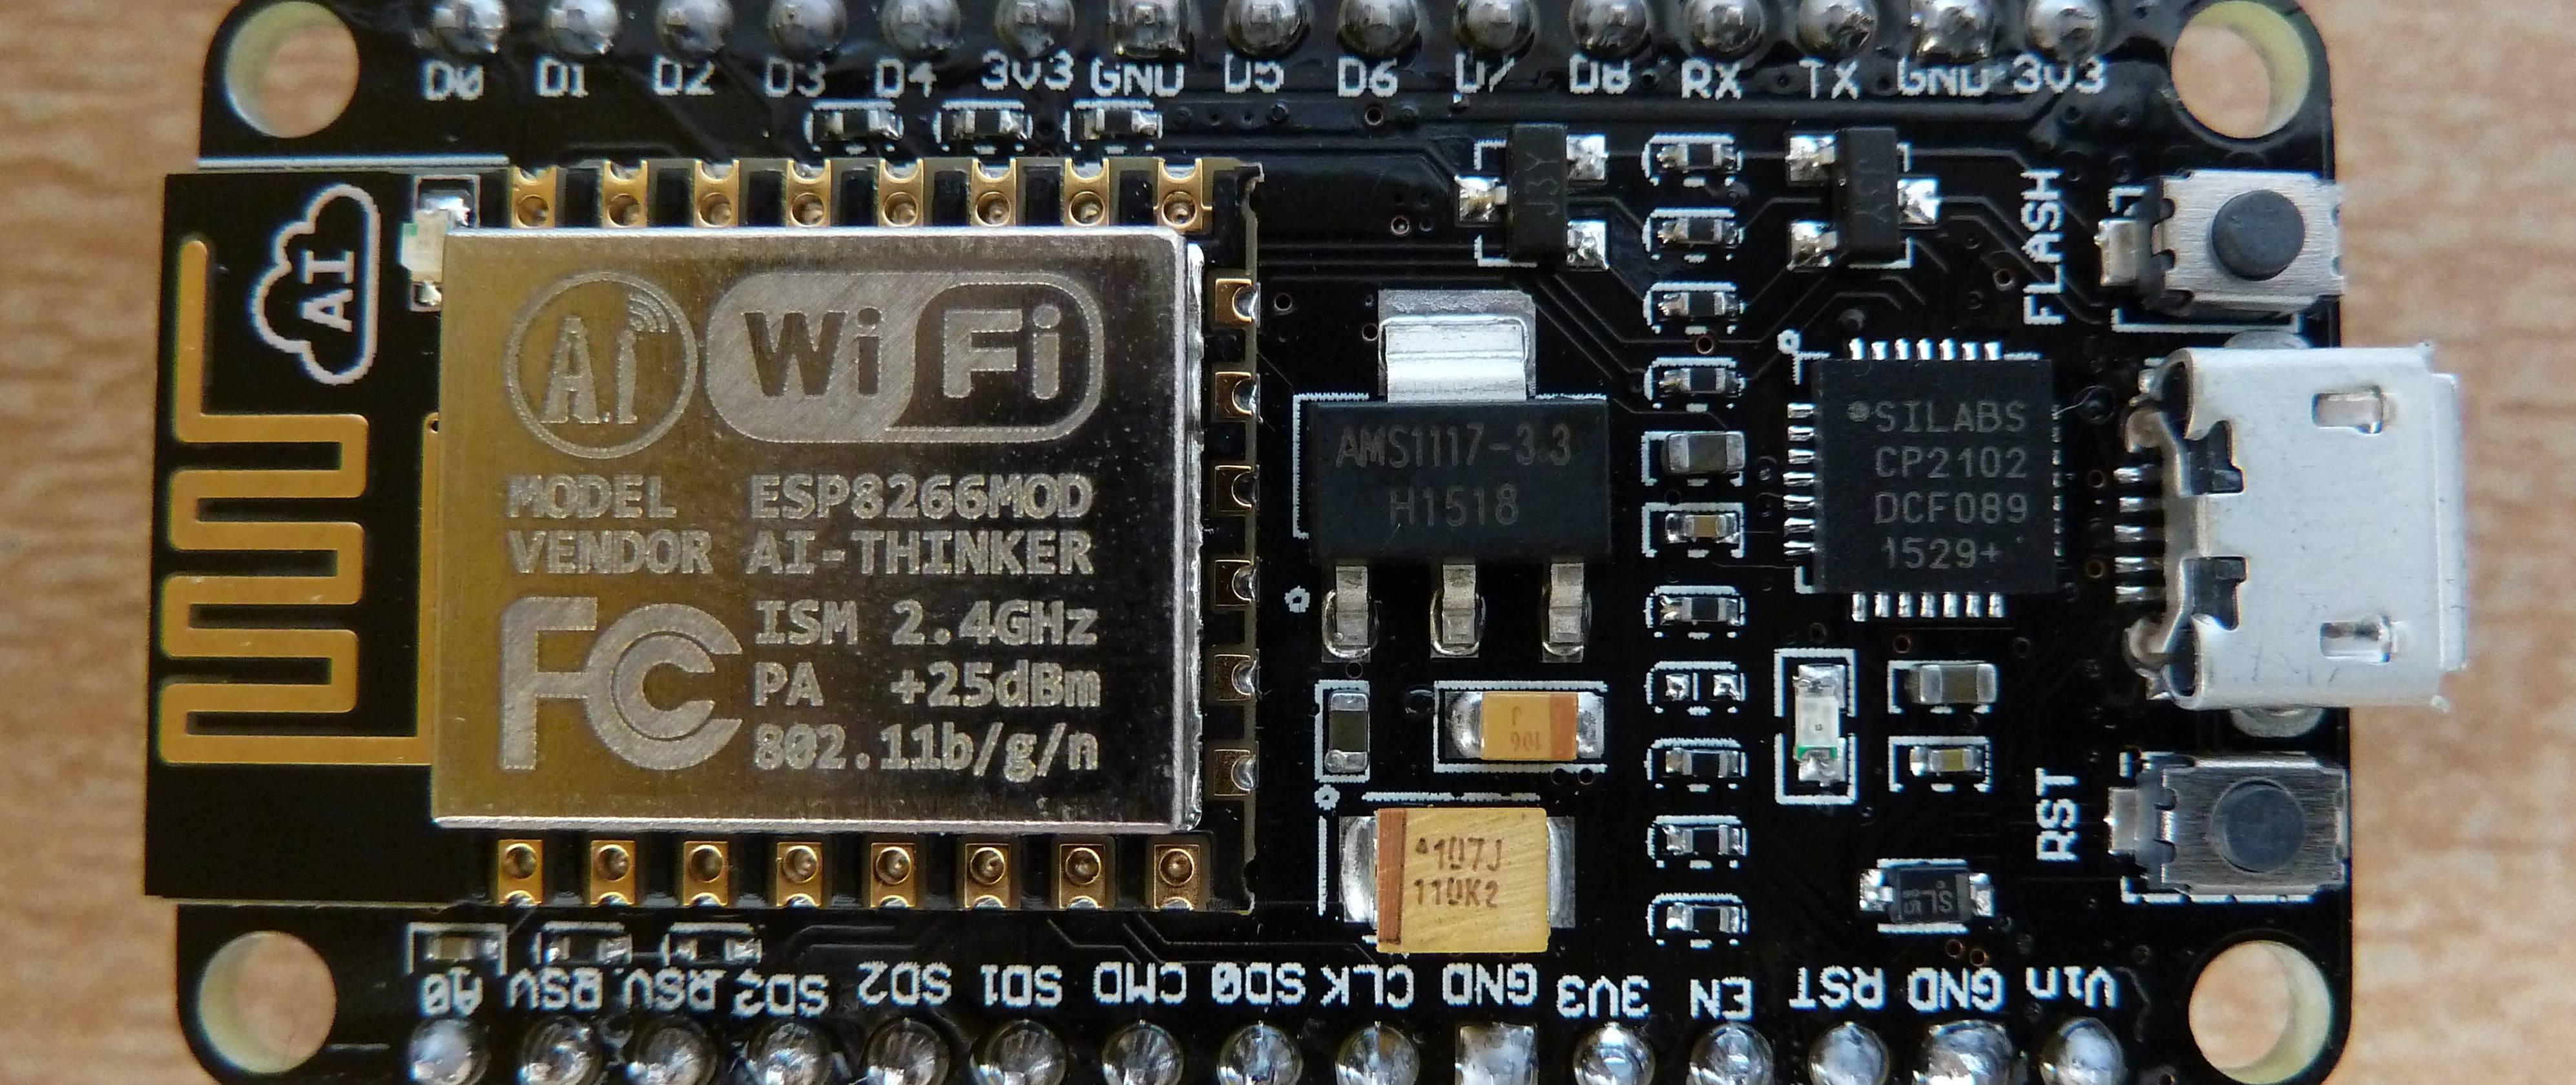 Mise en route d'une carte <em>Amica</em> avec le firmware NodeMCU et un module WiFi ESP8266